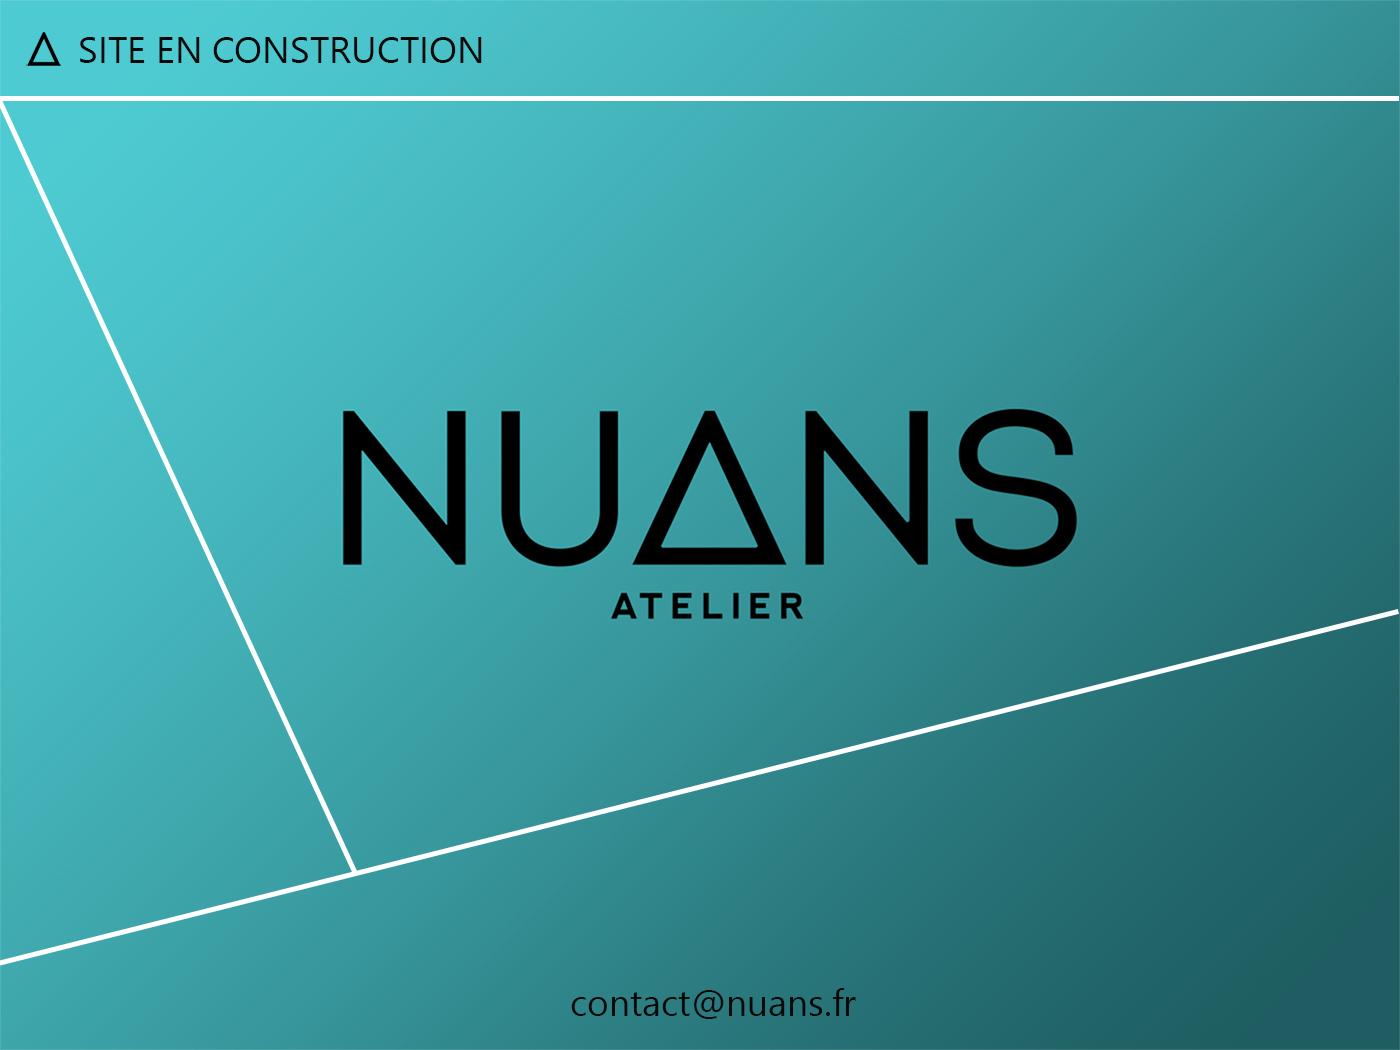 nuans en construction 70